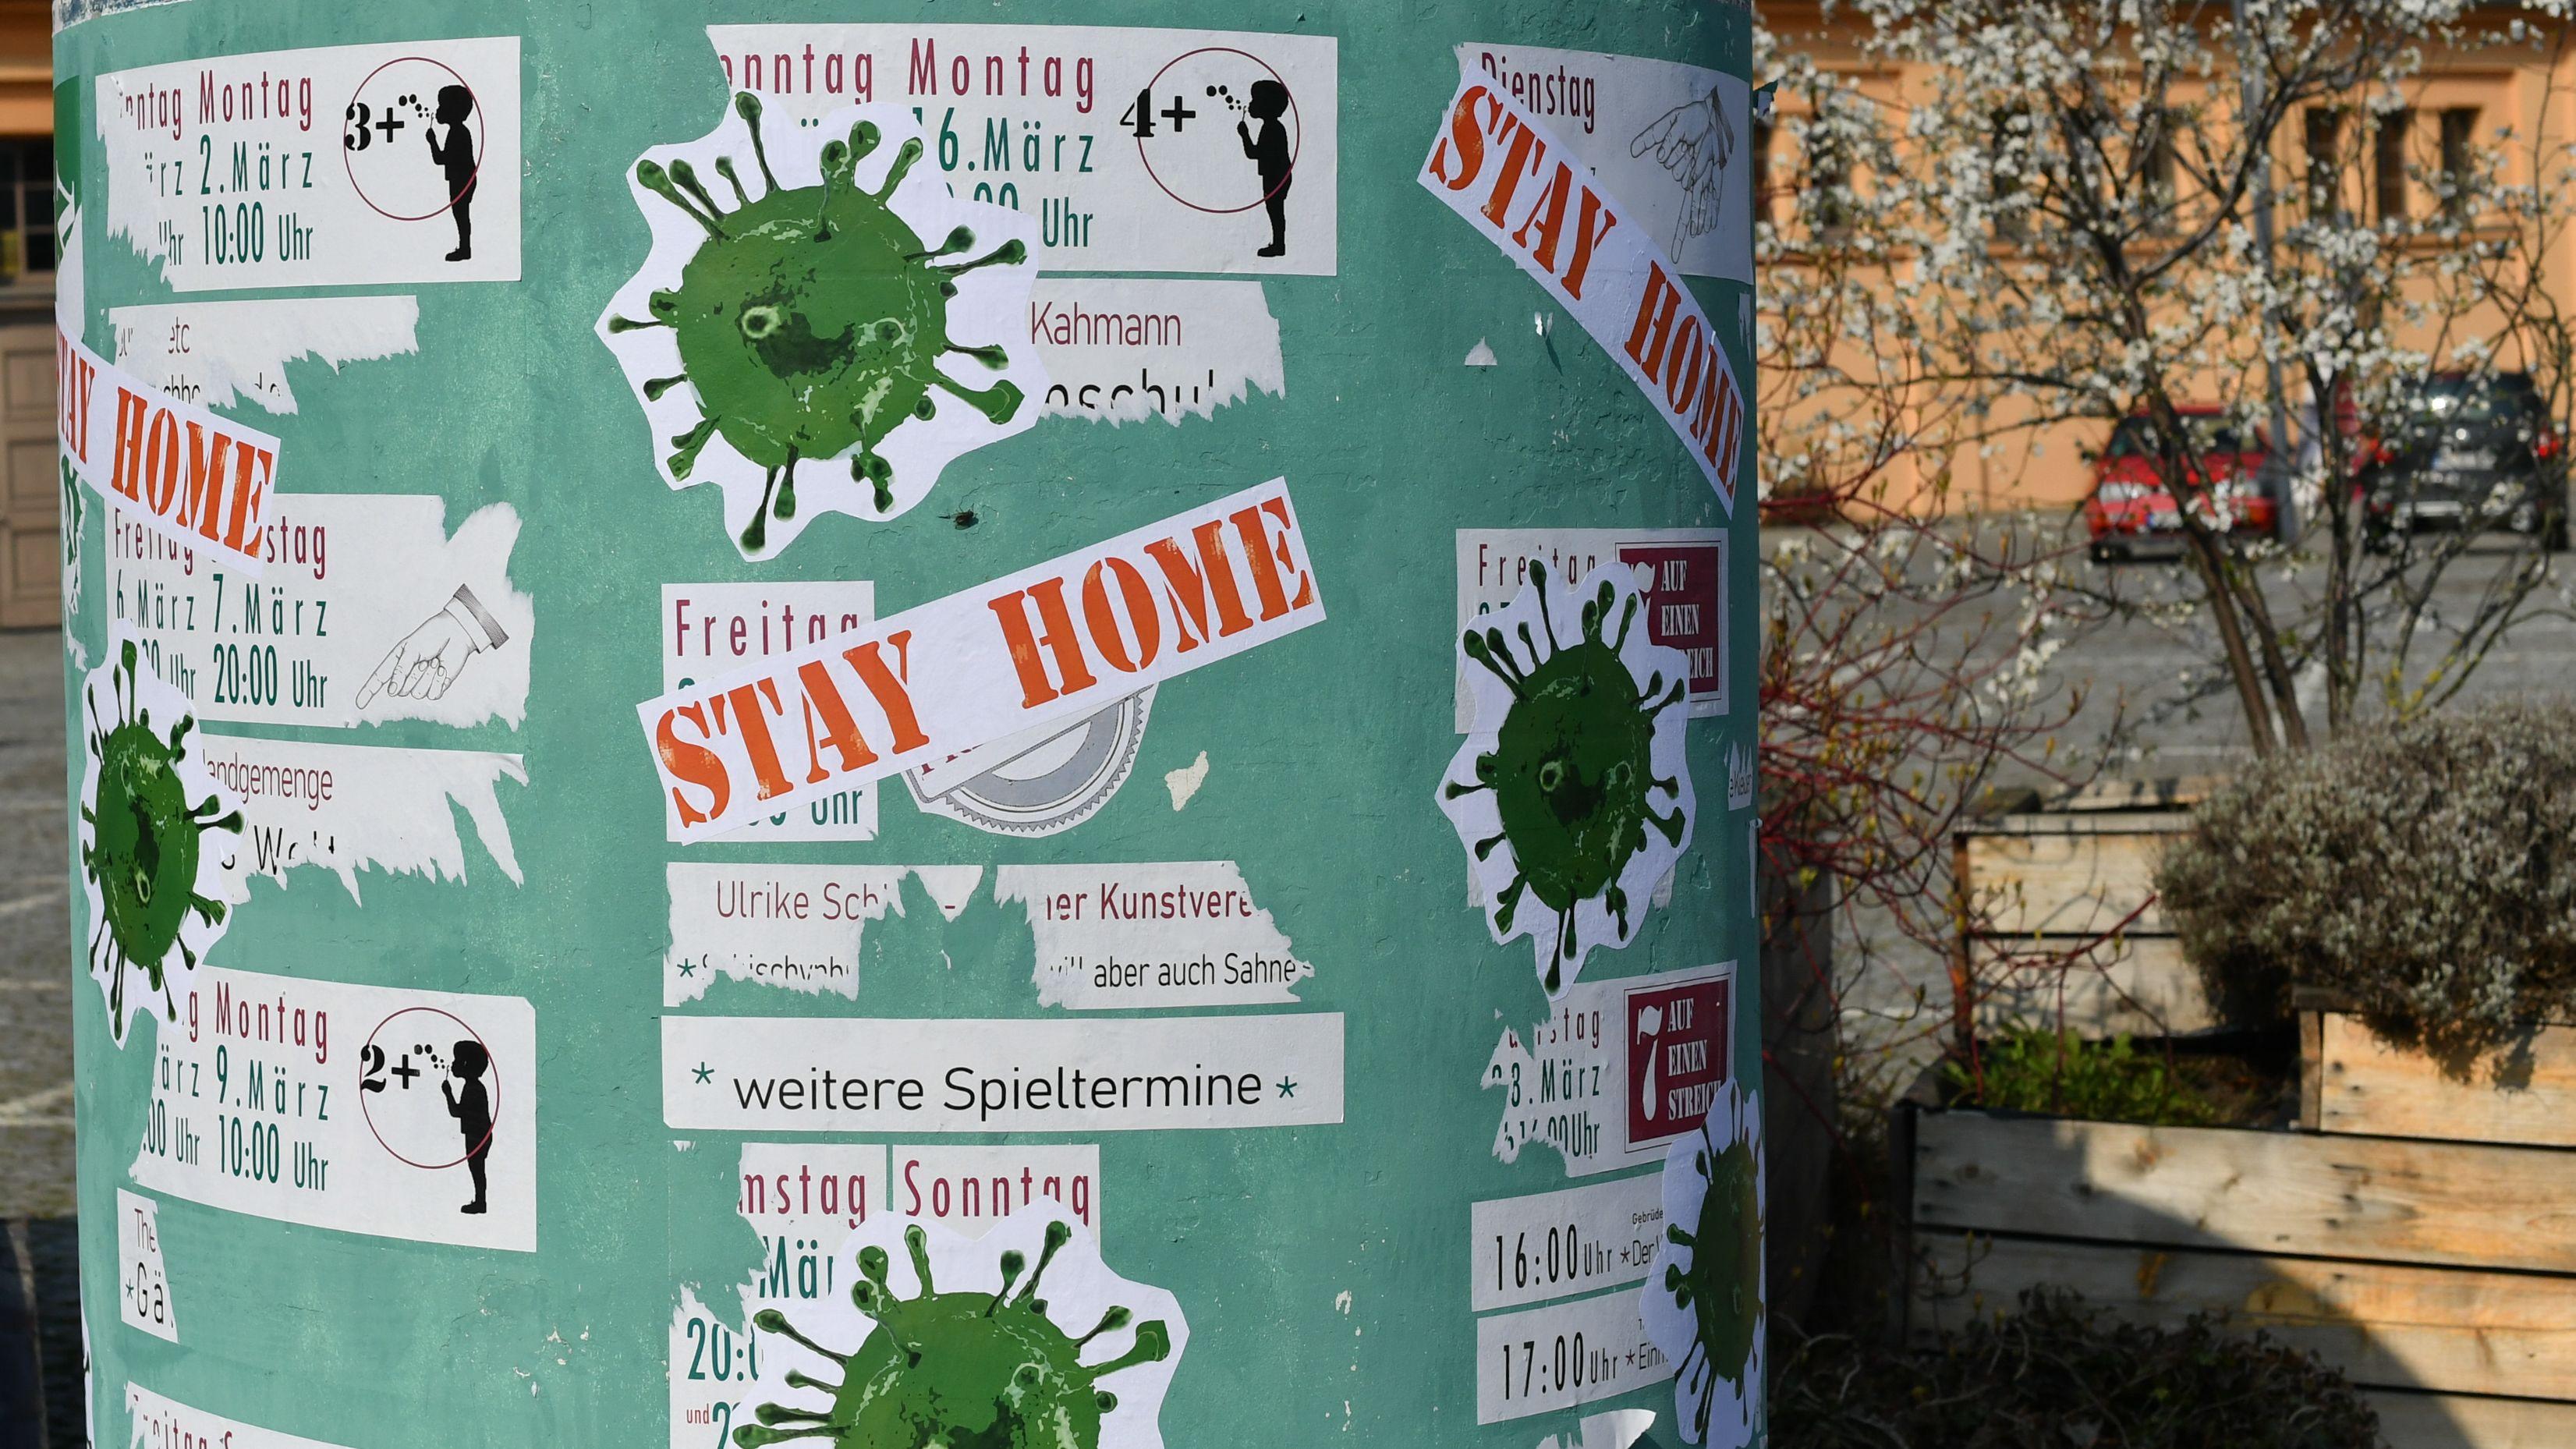 """Litfaßsäule mit Veranstaltungen, die aufgrund von Corona abgesagt wurden. Darüber Aufkleber von stilisiertem Virus und der Aufforderung """"STAY HOME""""."""